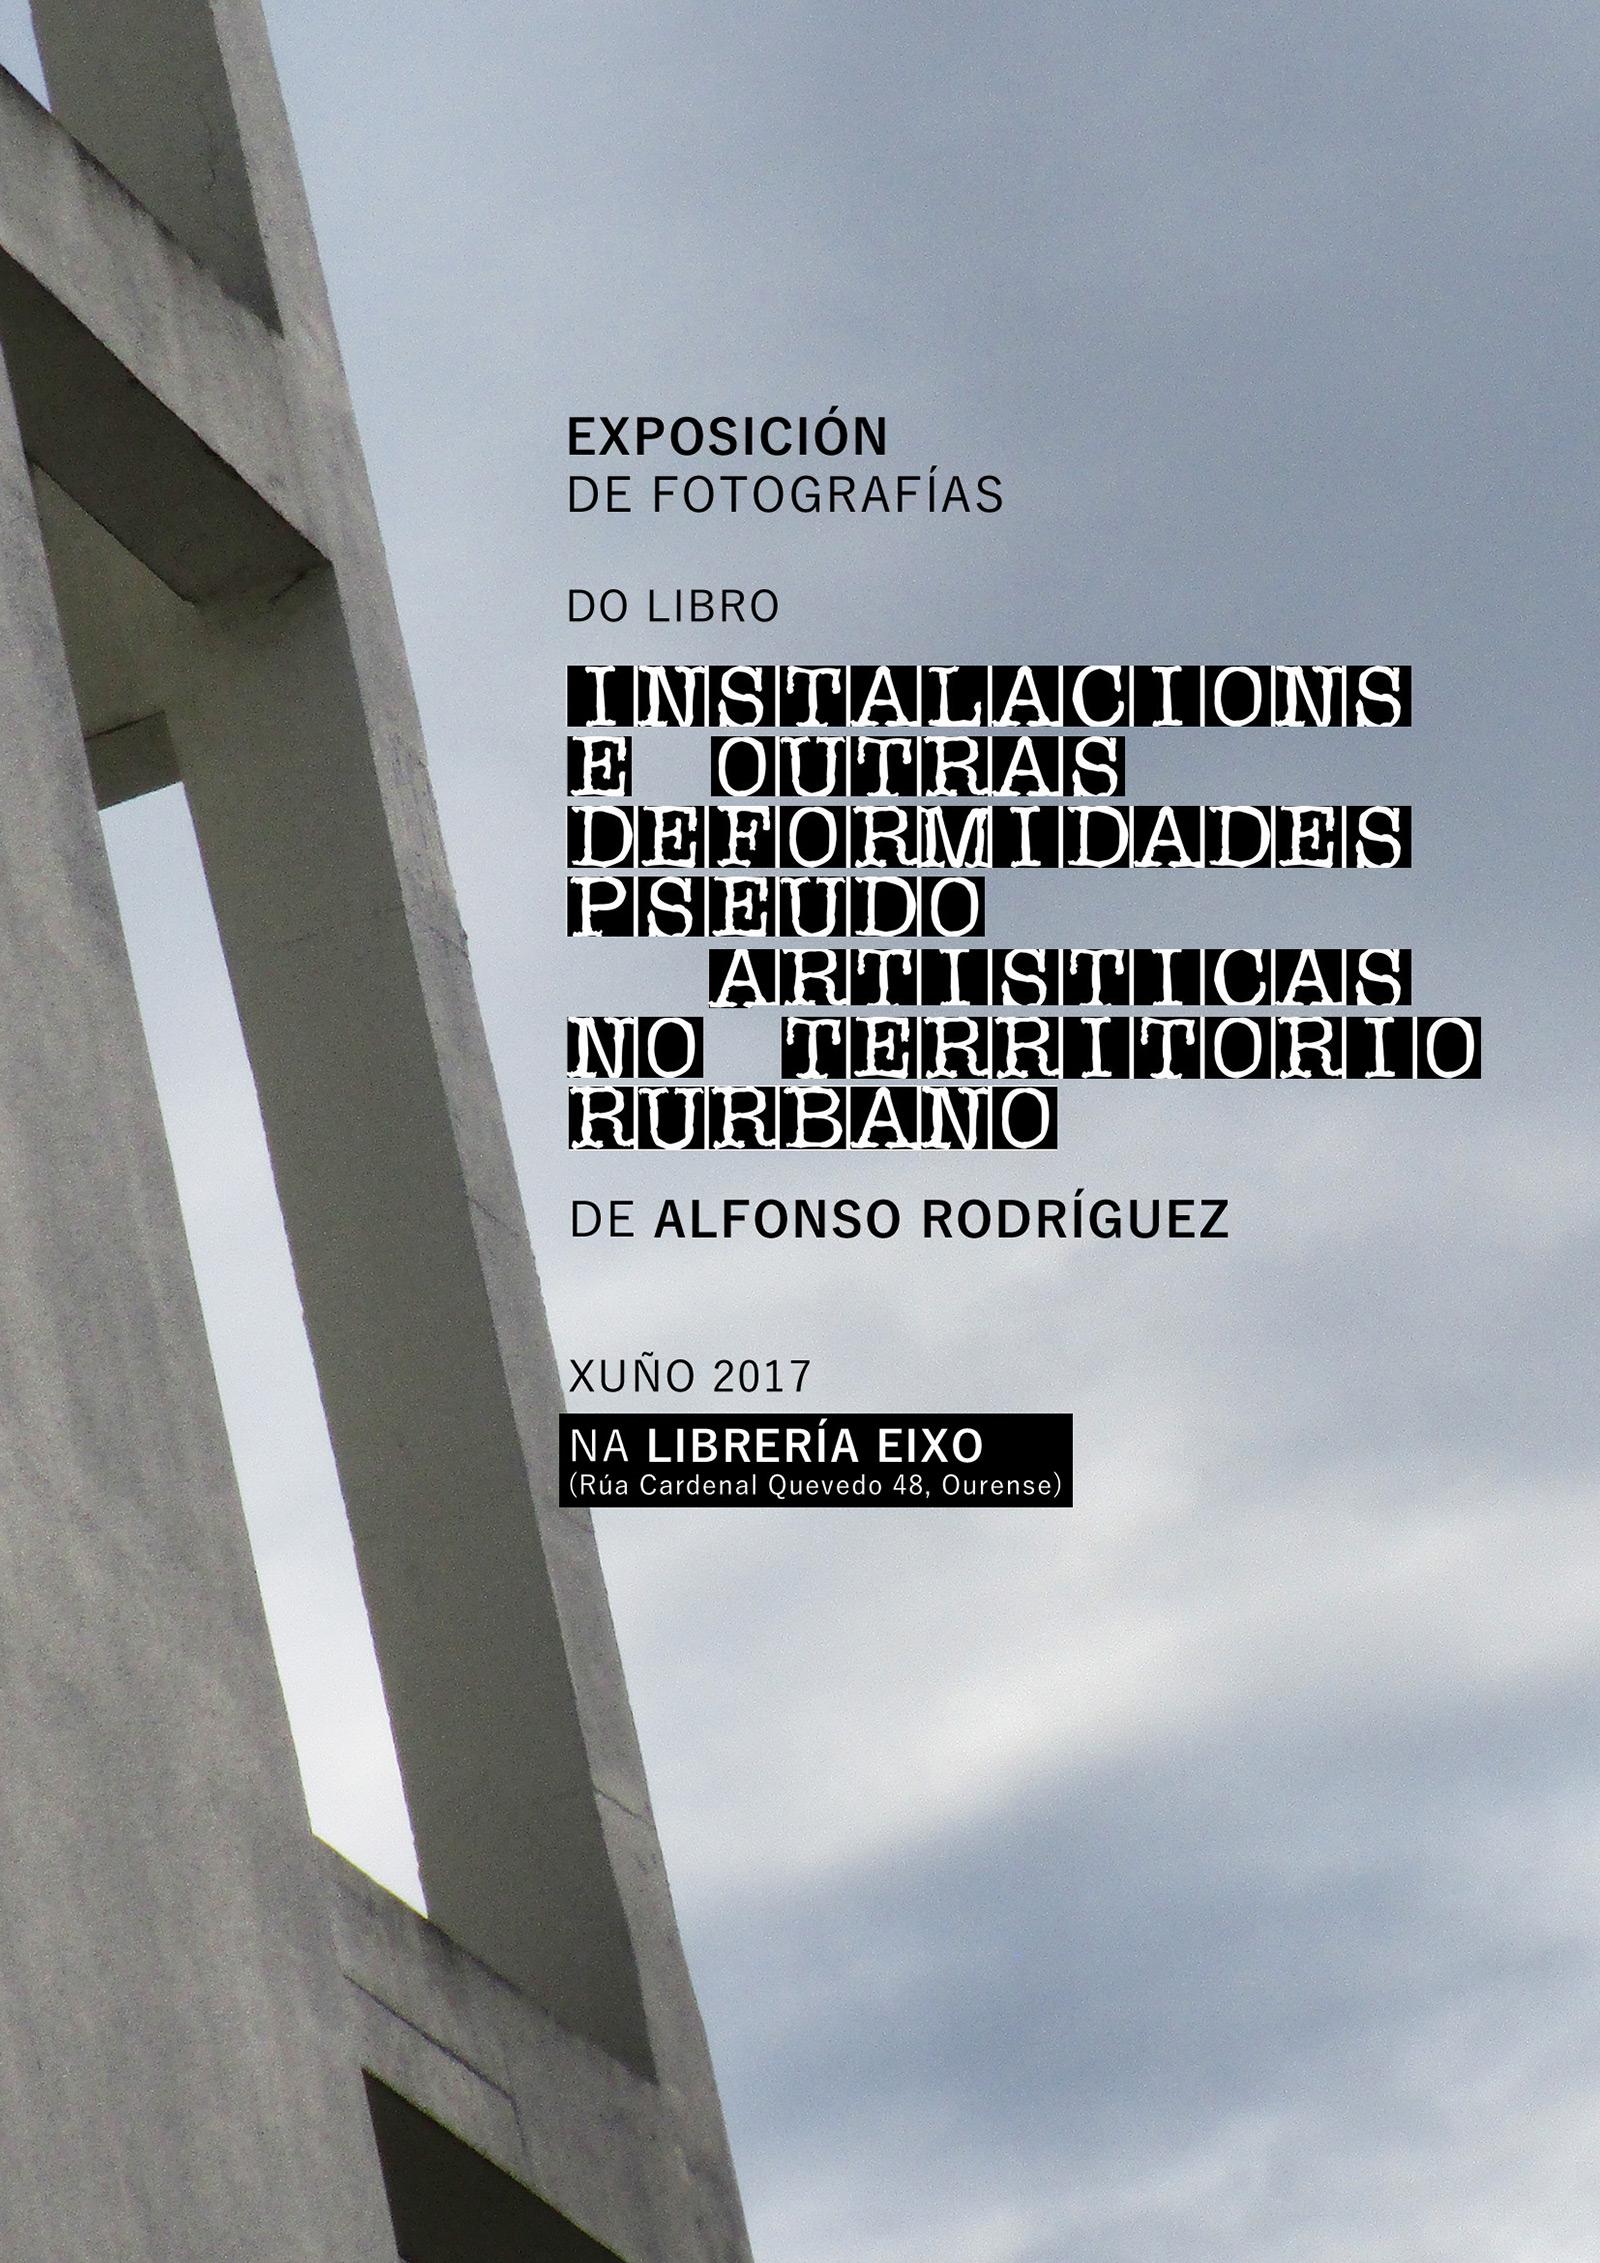 """Exposición de fotografía """"Instalacións e outras deformidades pseudoartísticas no territorio rurbano"""""""